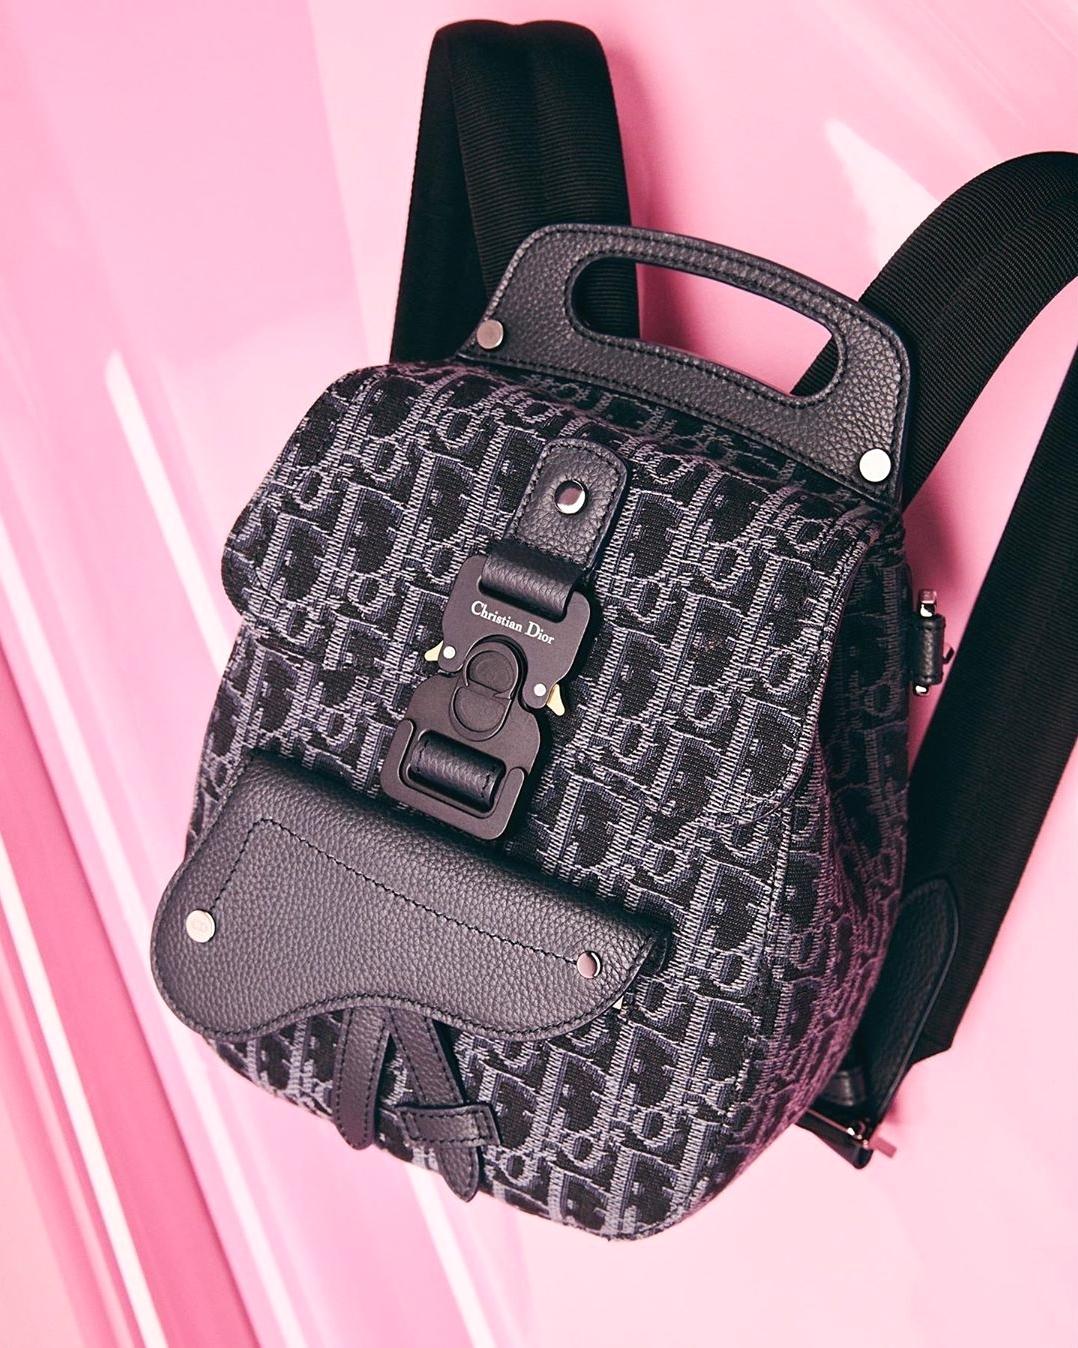 Рюкзак из коллекции Dior Spring/Summer 2020 Menswear